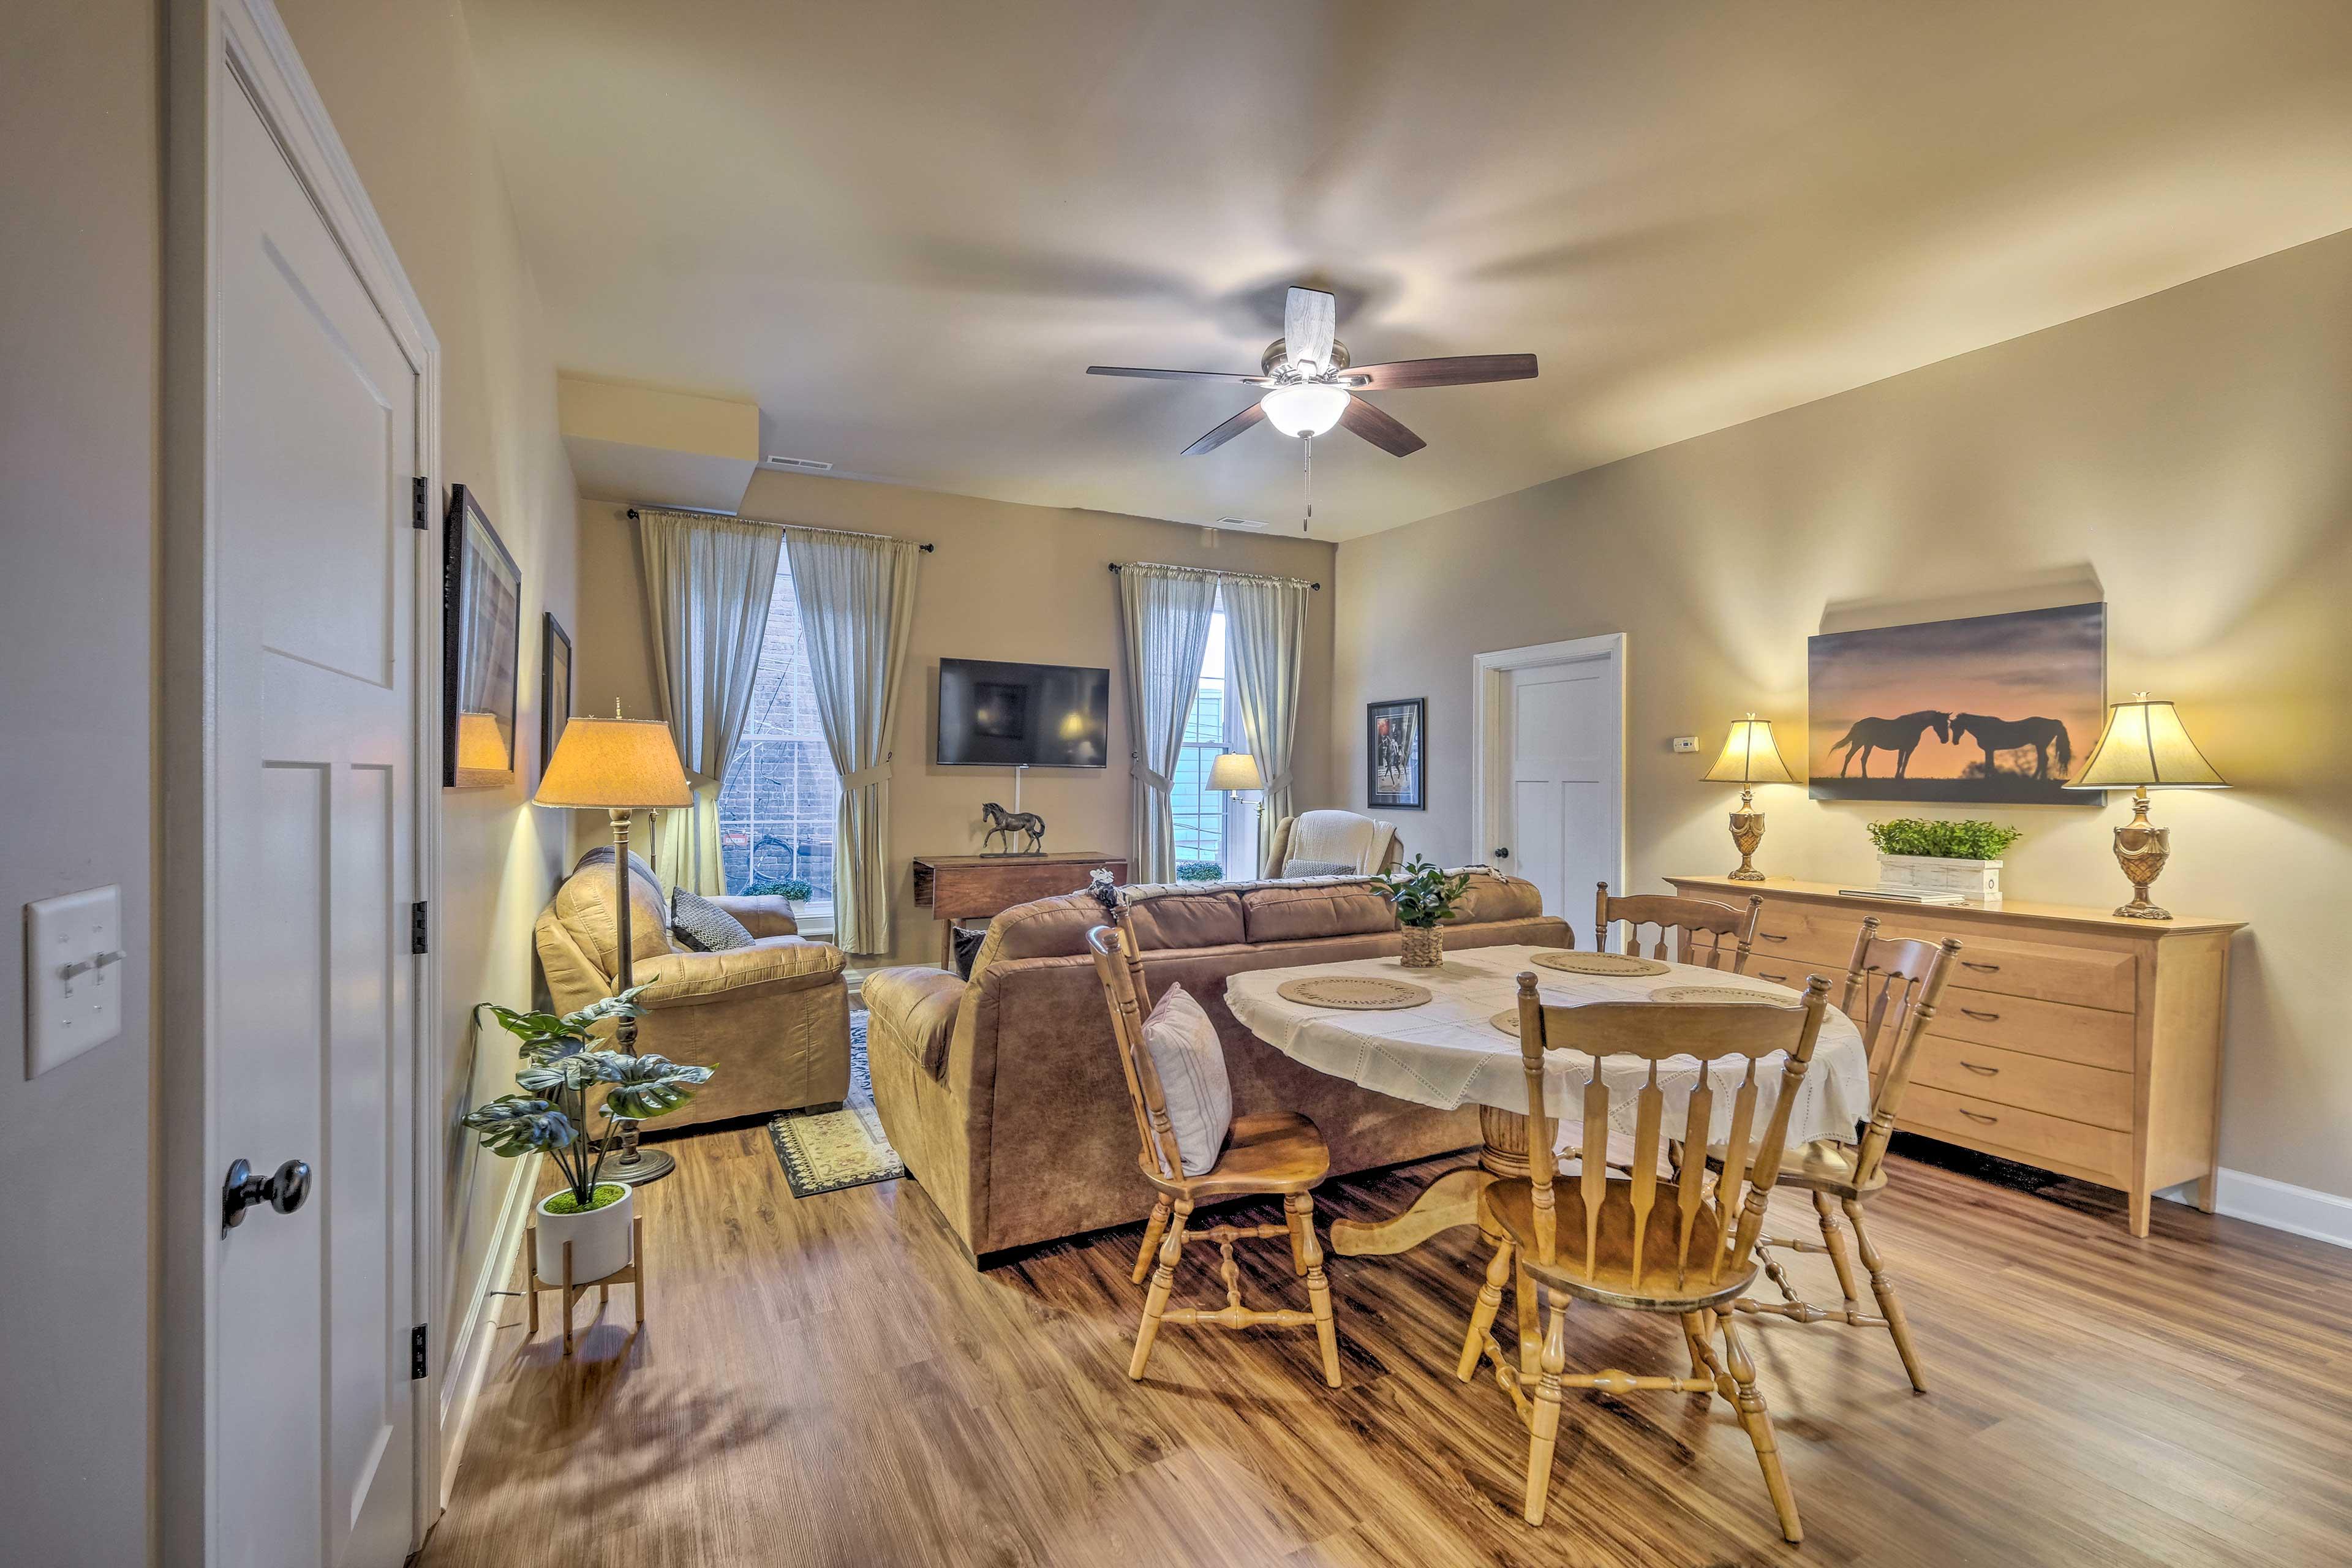 Living Room | Linens Provided